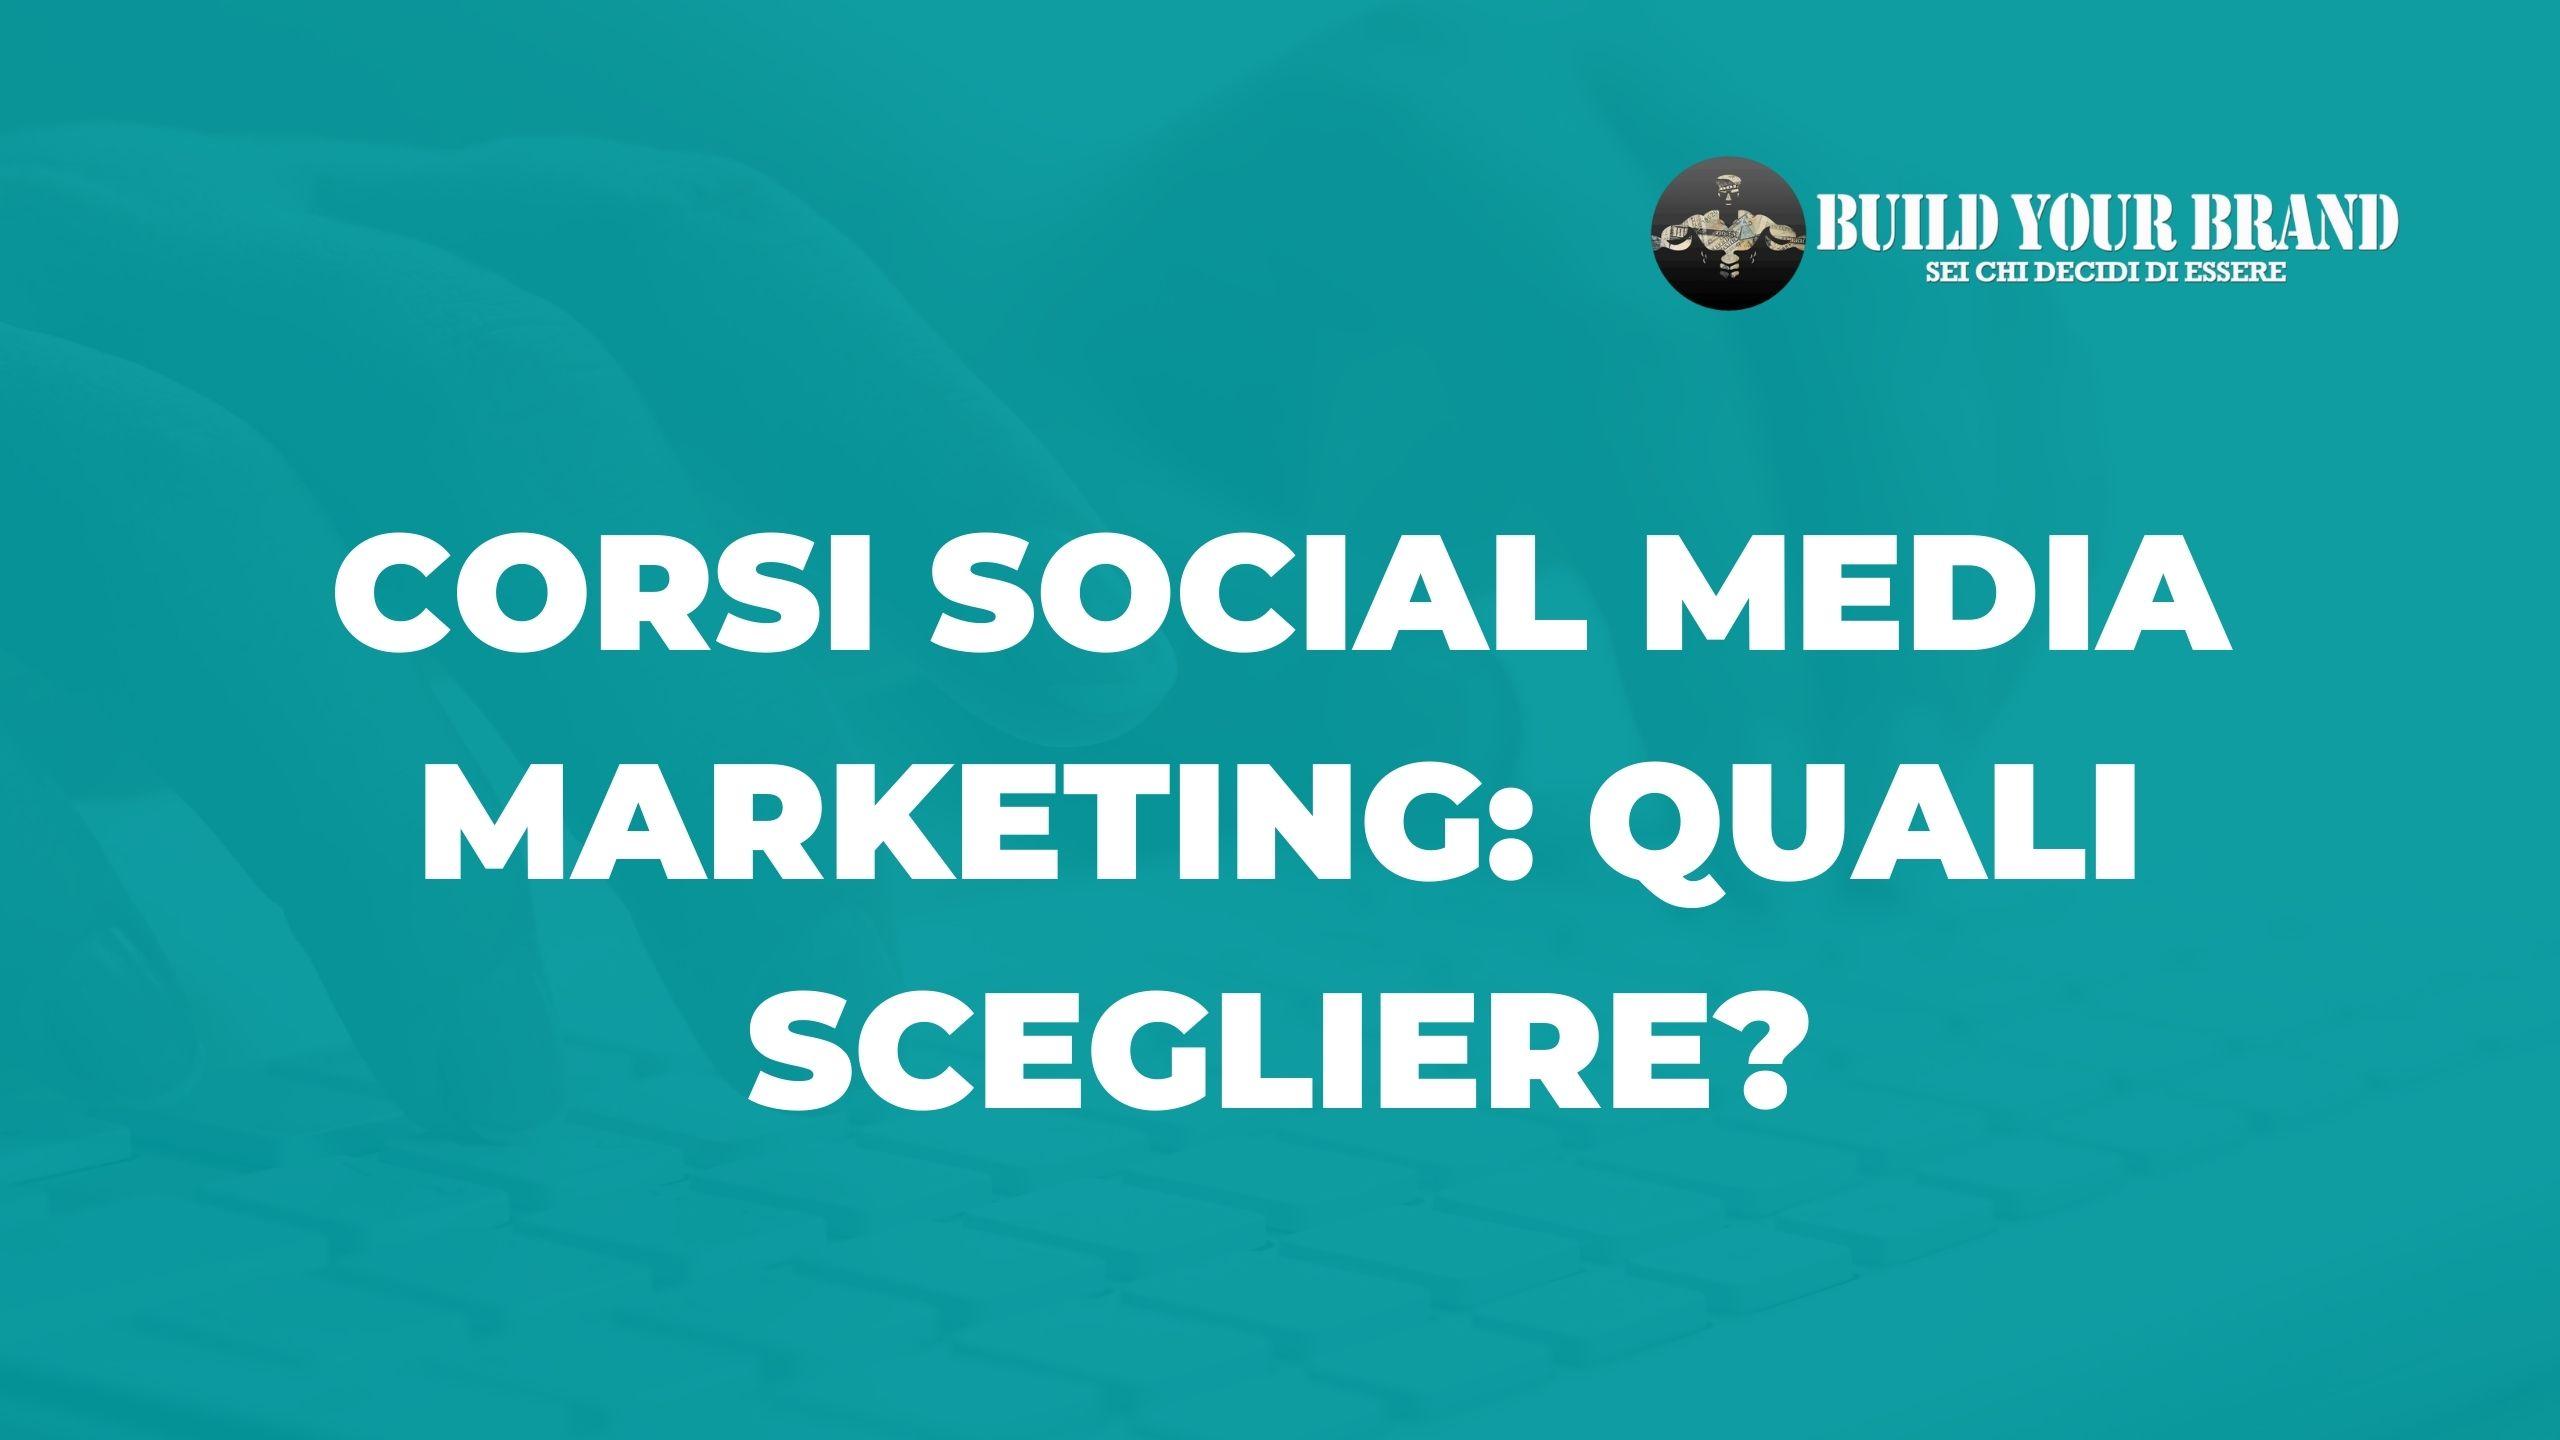 corsi-build-your-brand-da-scegliere